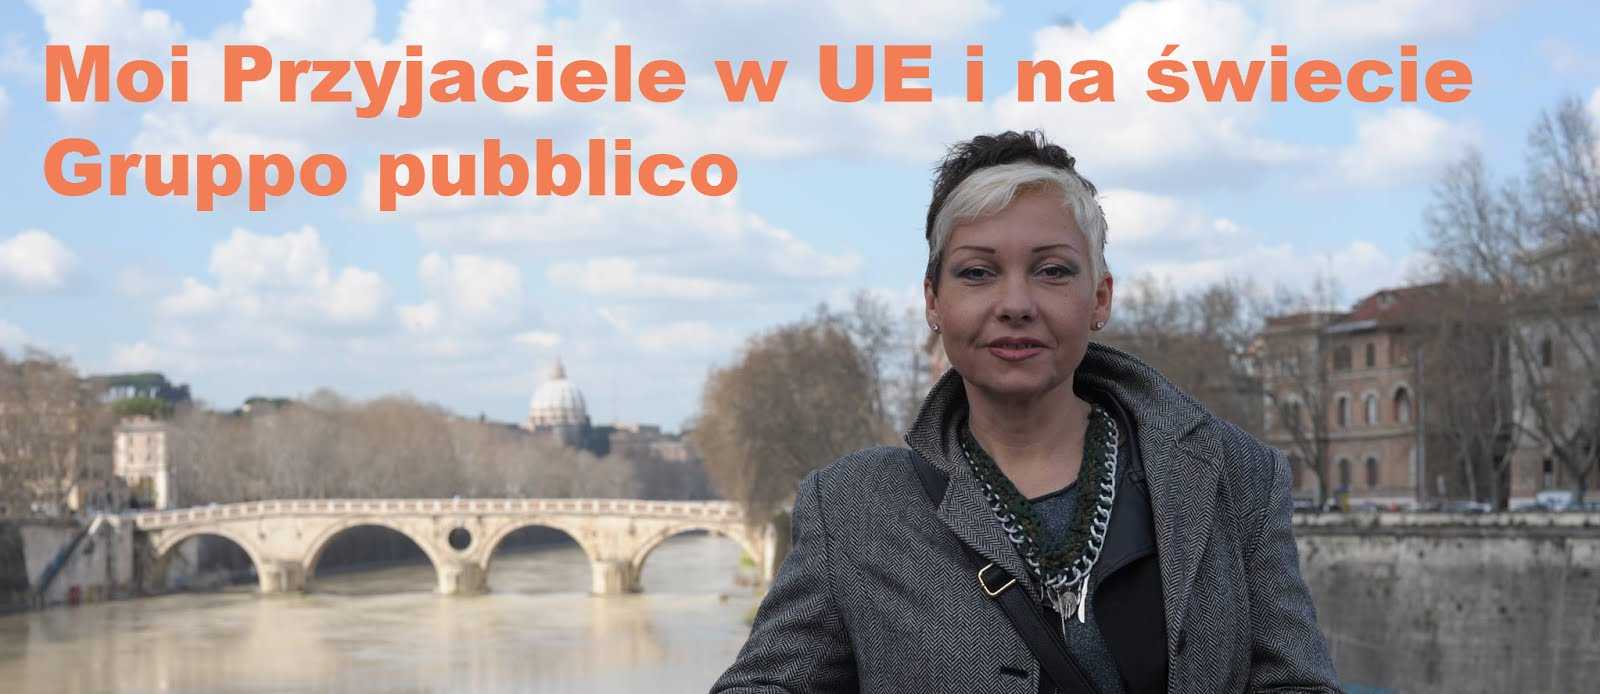 Moi Przyjaciele w UE i na świecie Gruppo pubblico na Facebooku